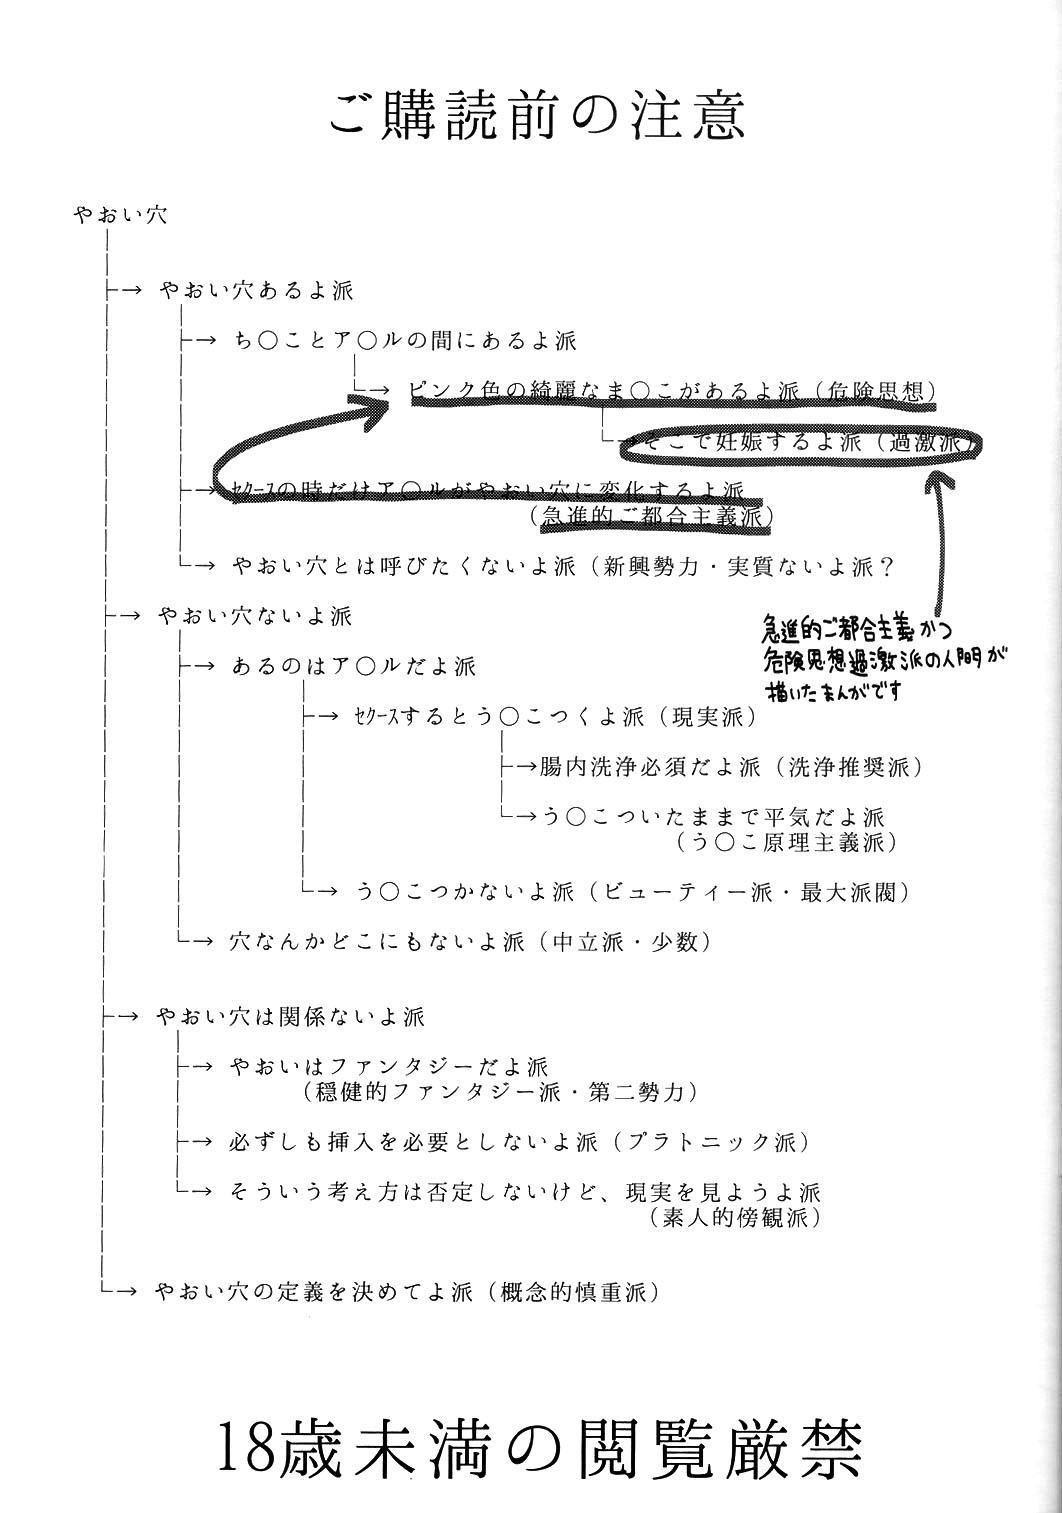 Akarui Kazoku Mukeikaku 1